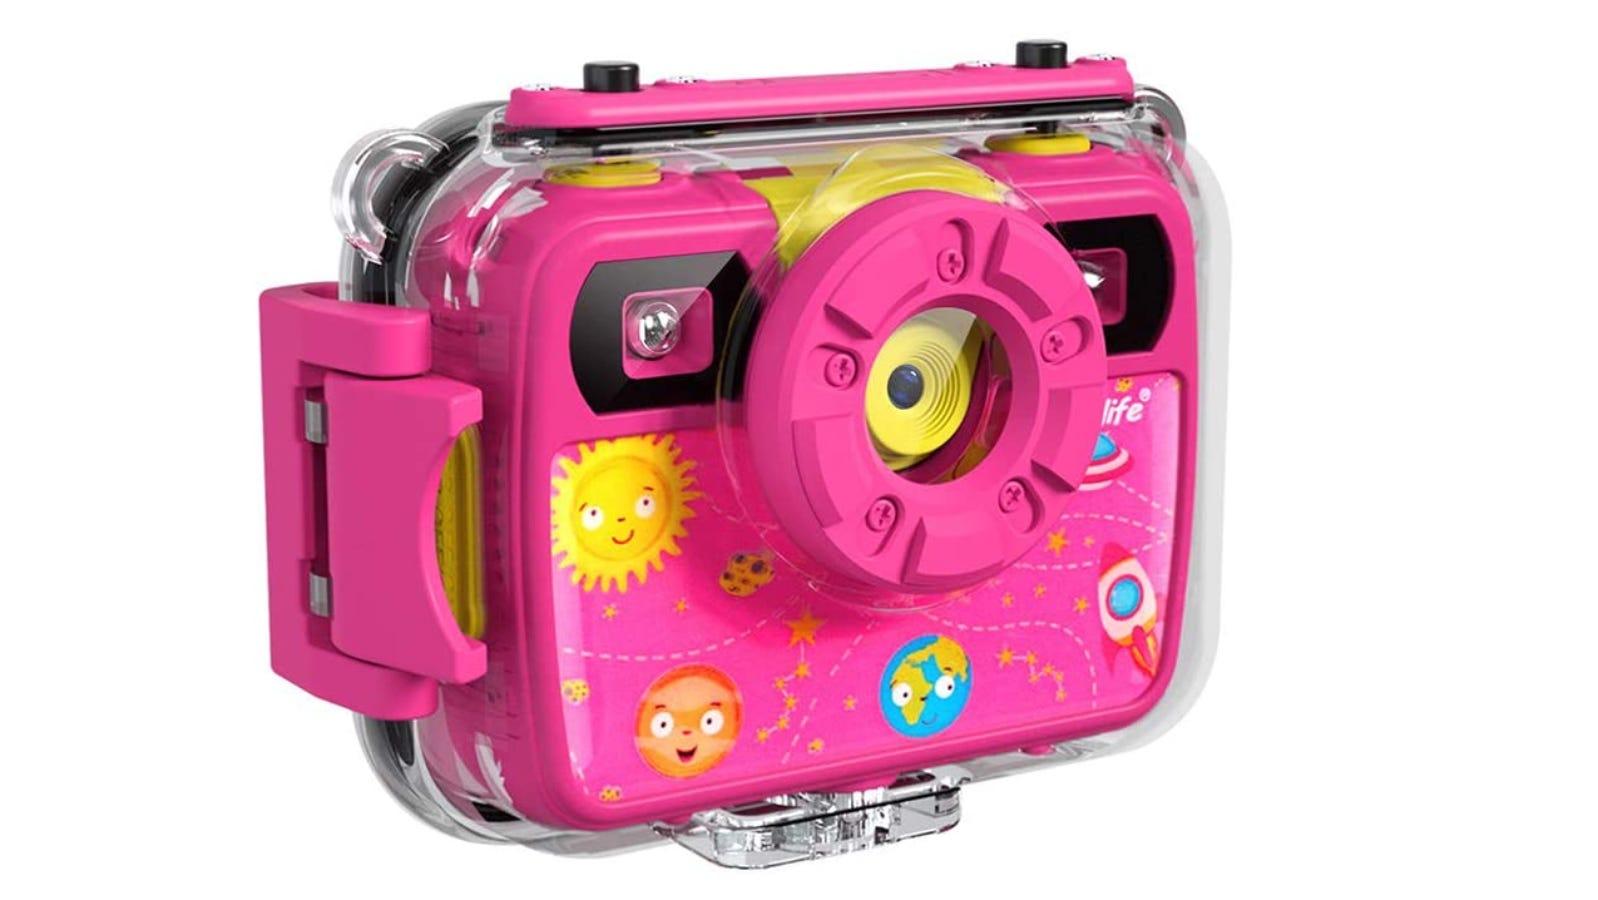 bright pink kids' camera in a plastic case